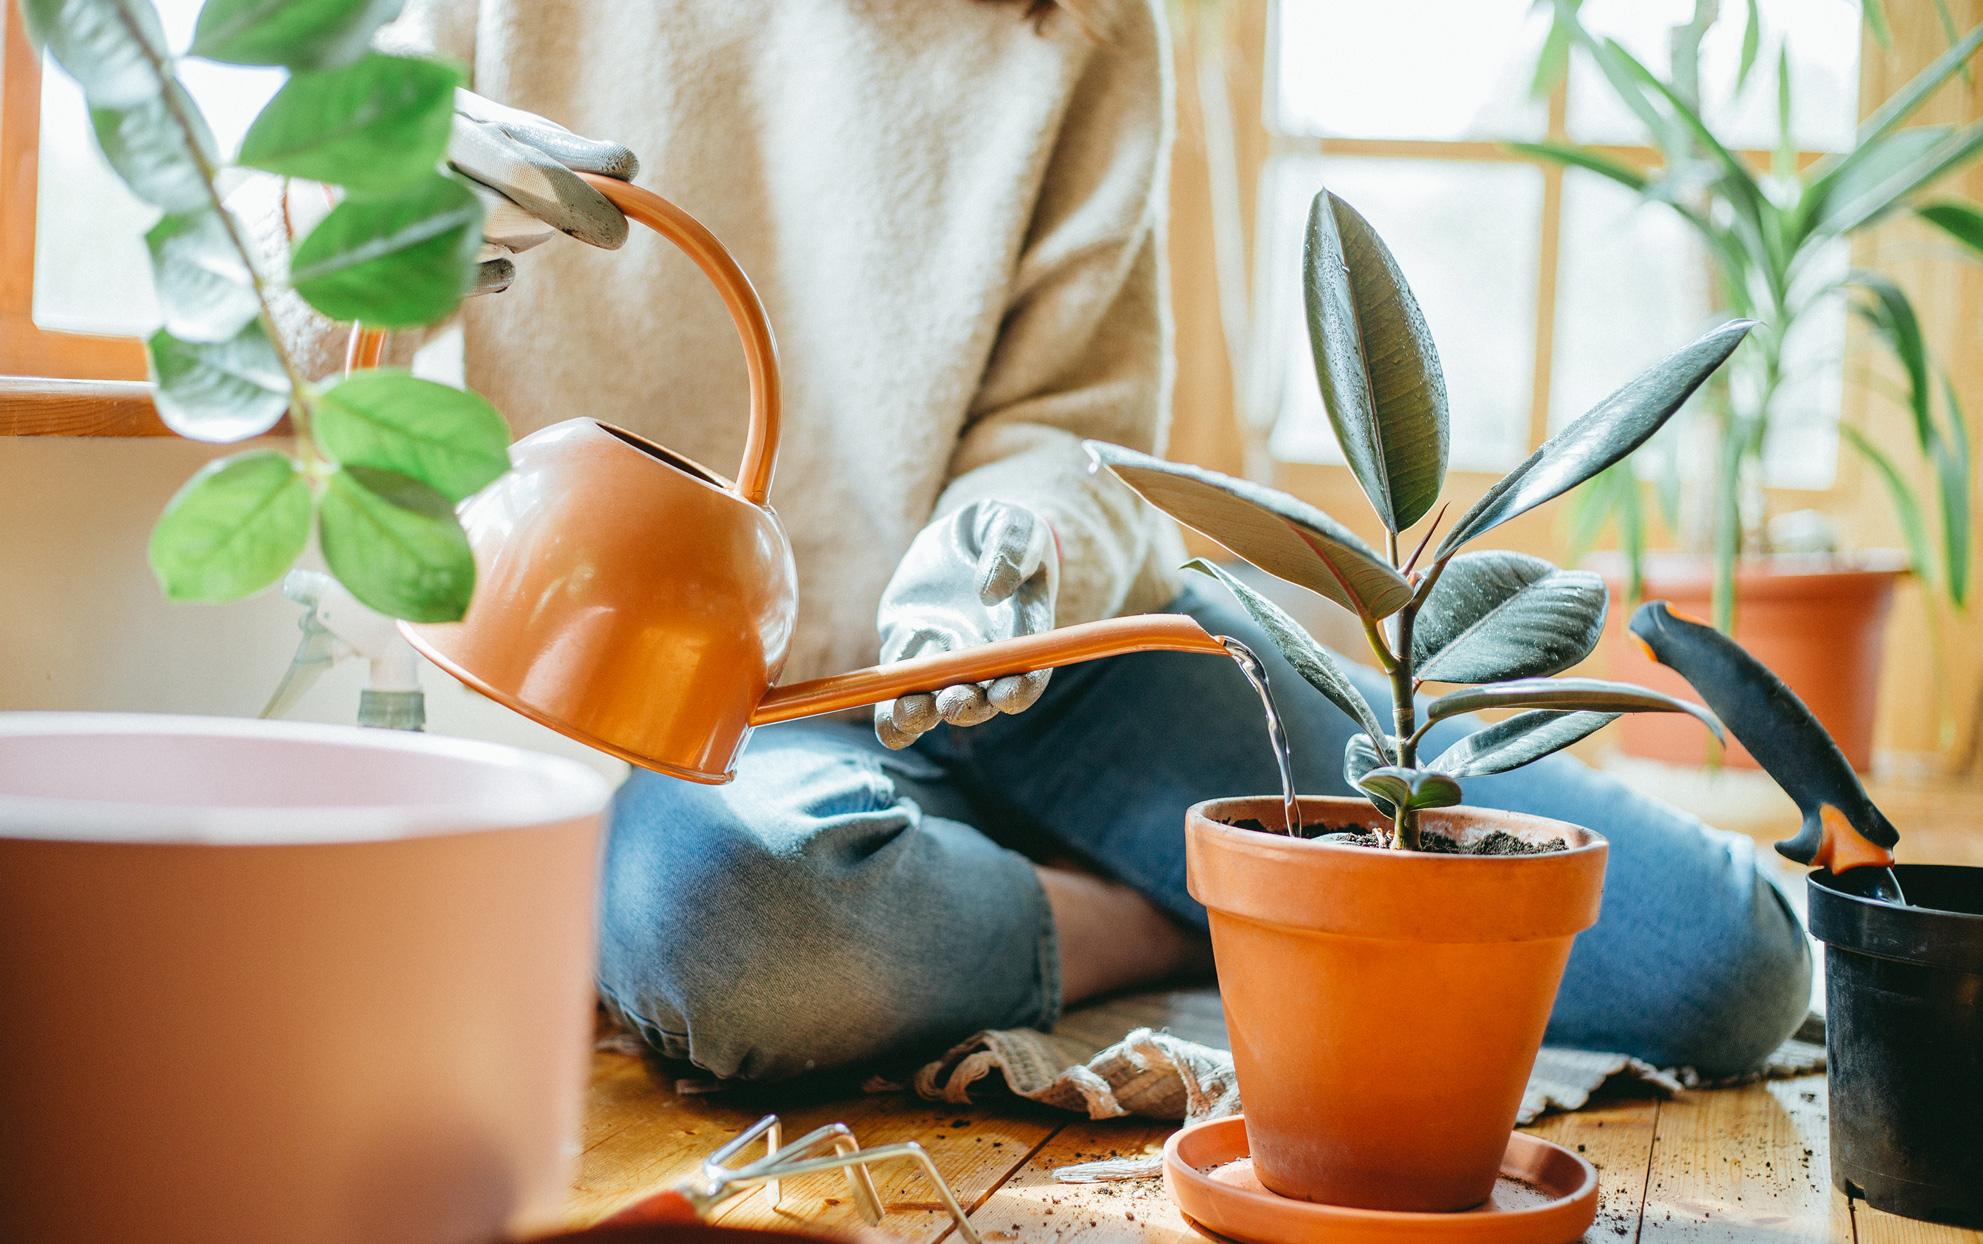 طرق-العناية-بالنباتات-الداخلية